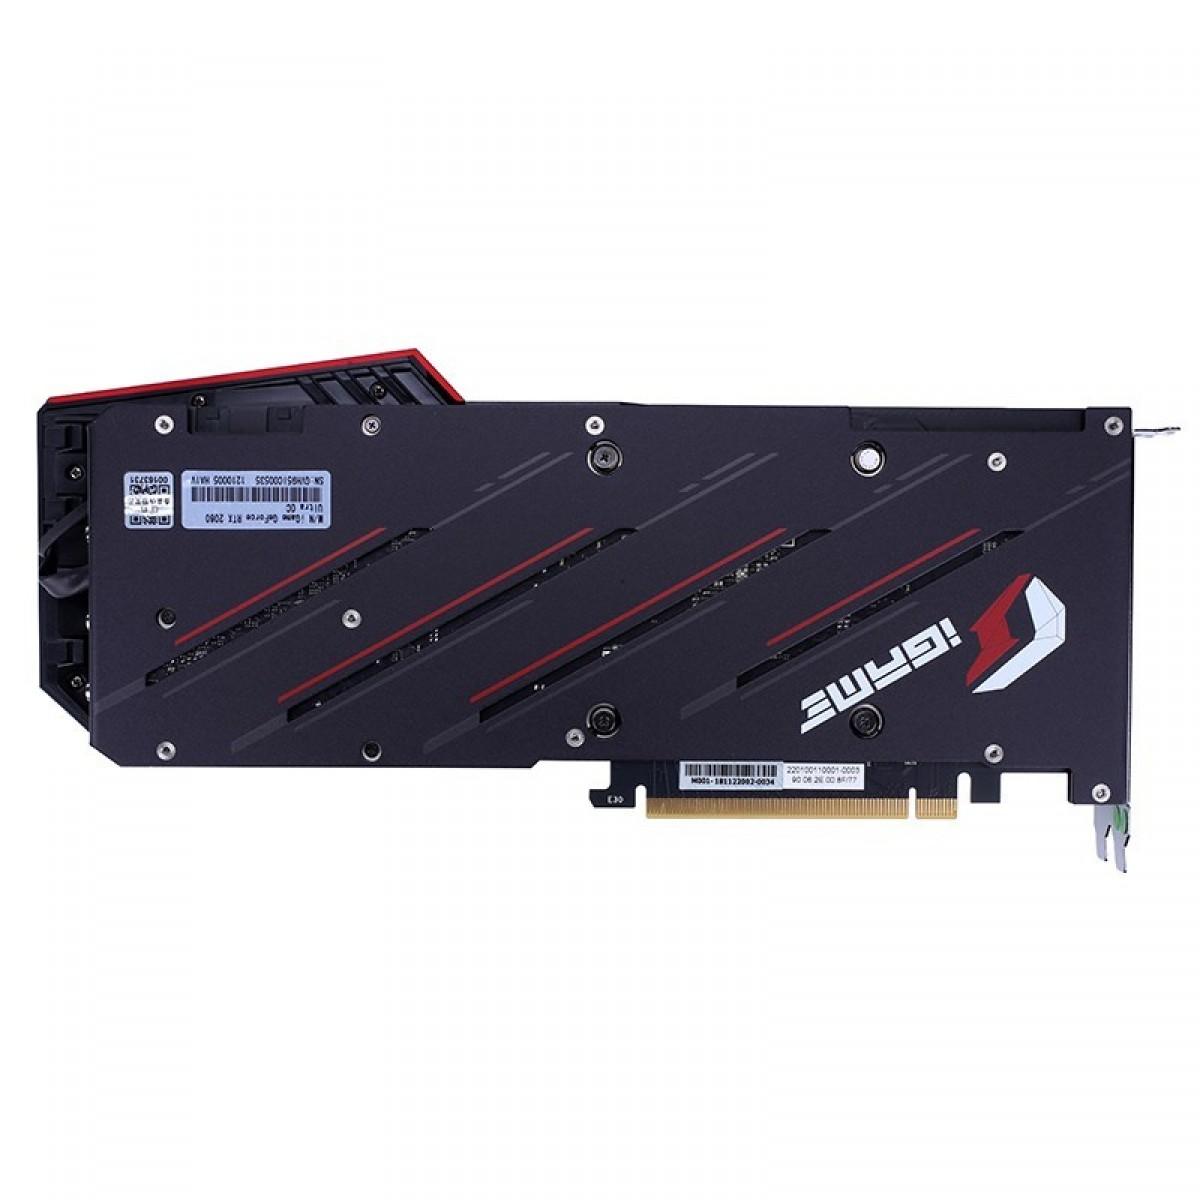 Placa de Vídeo Colorful iGame Geforce RTX 2060 Ultra OC-V, 6GB GDDR6, 192Bit